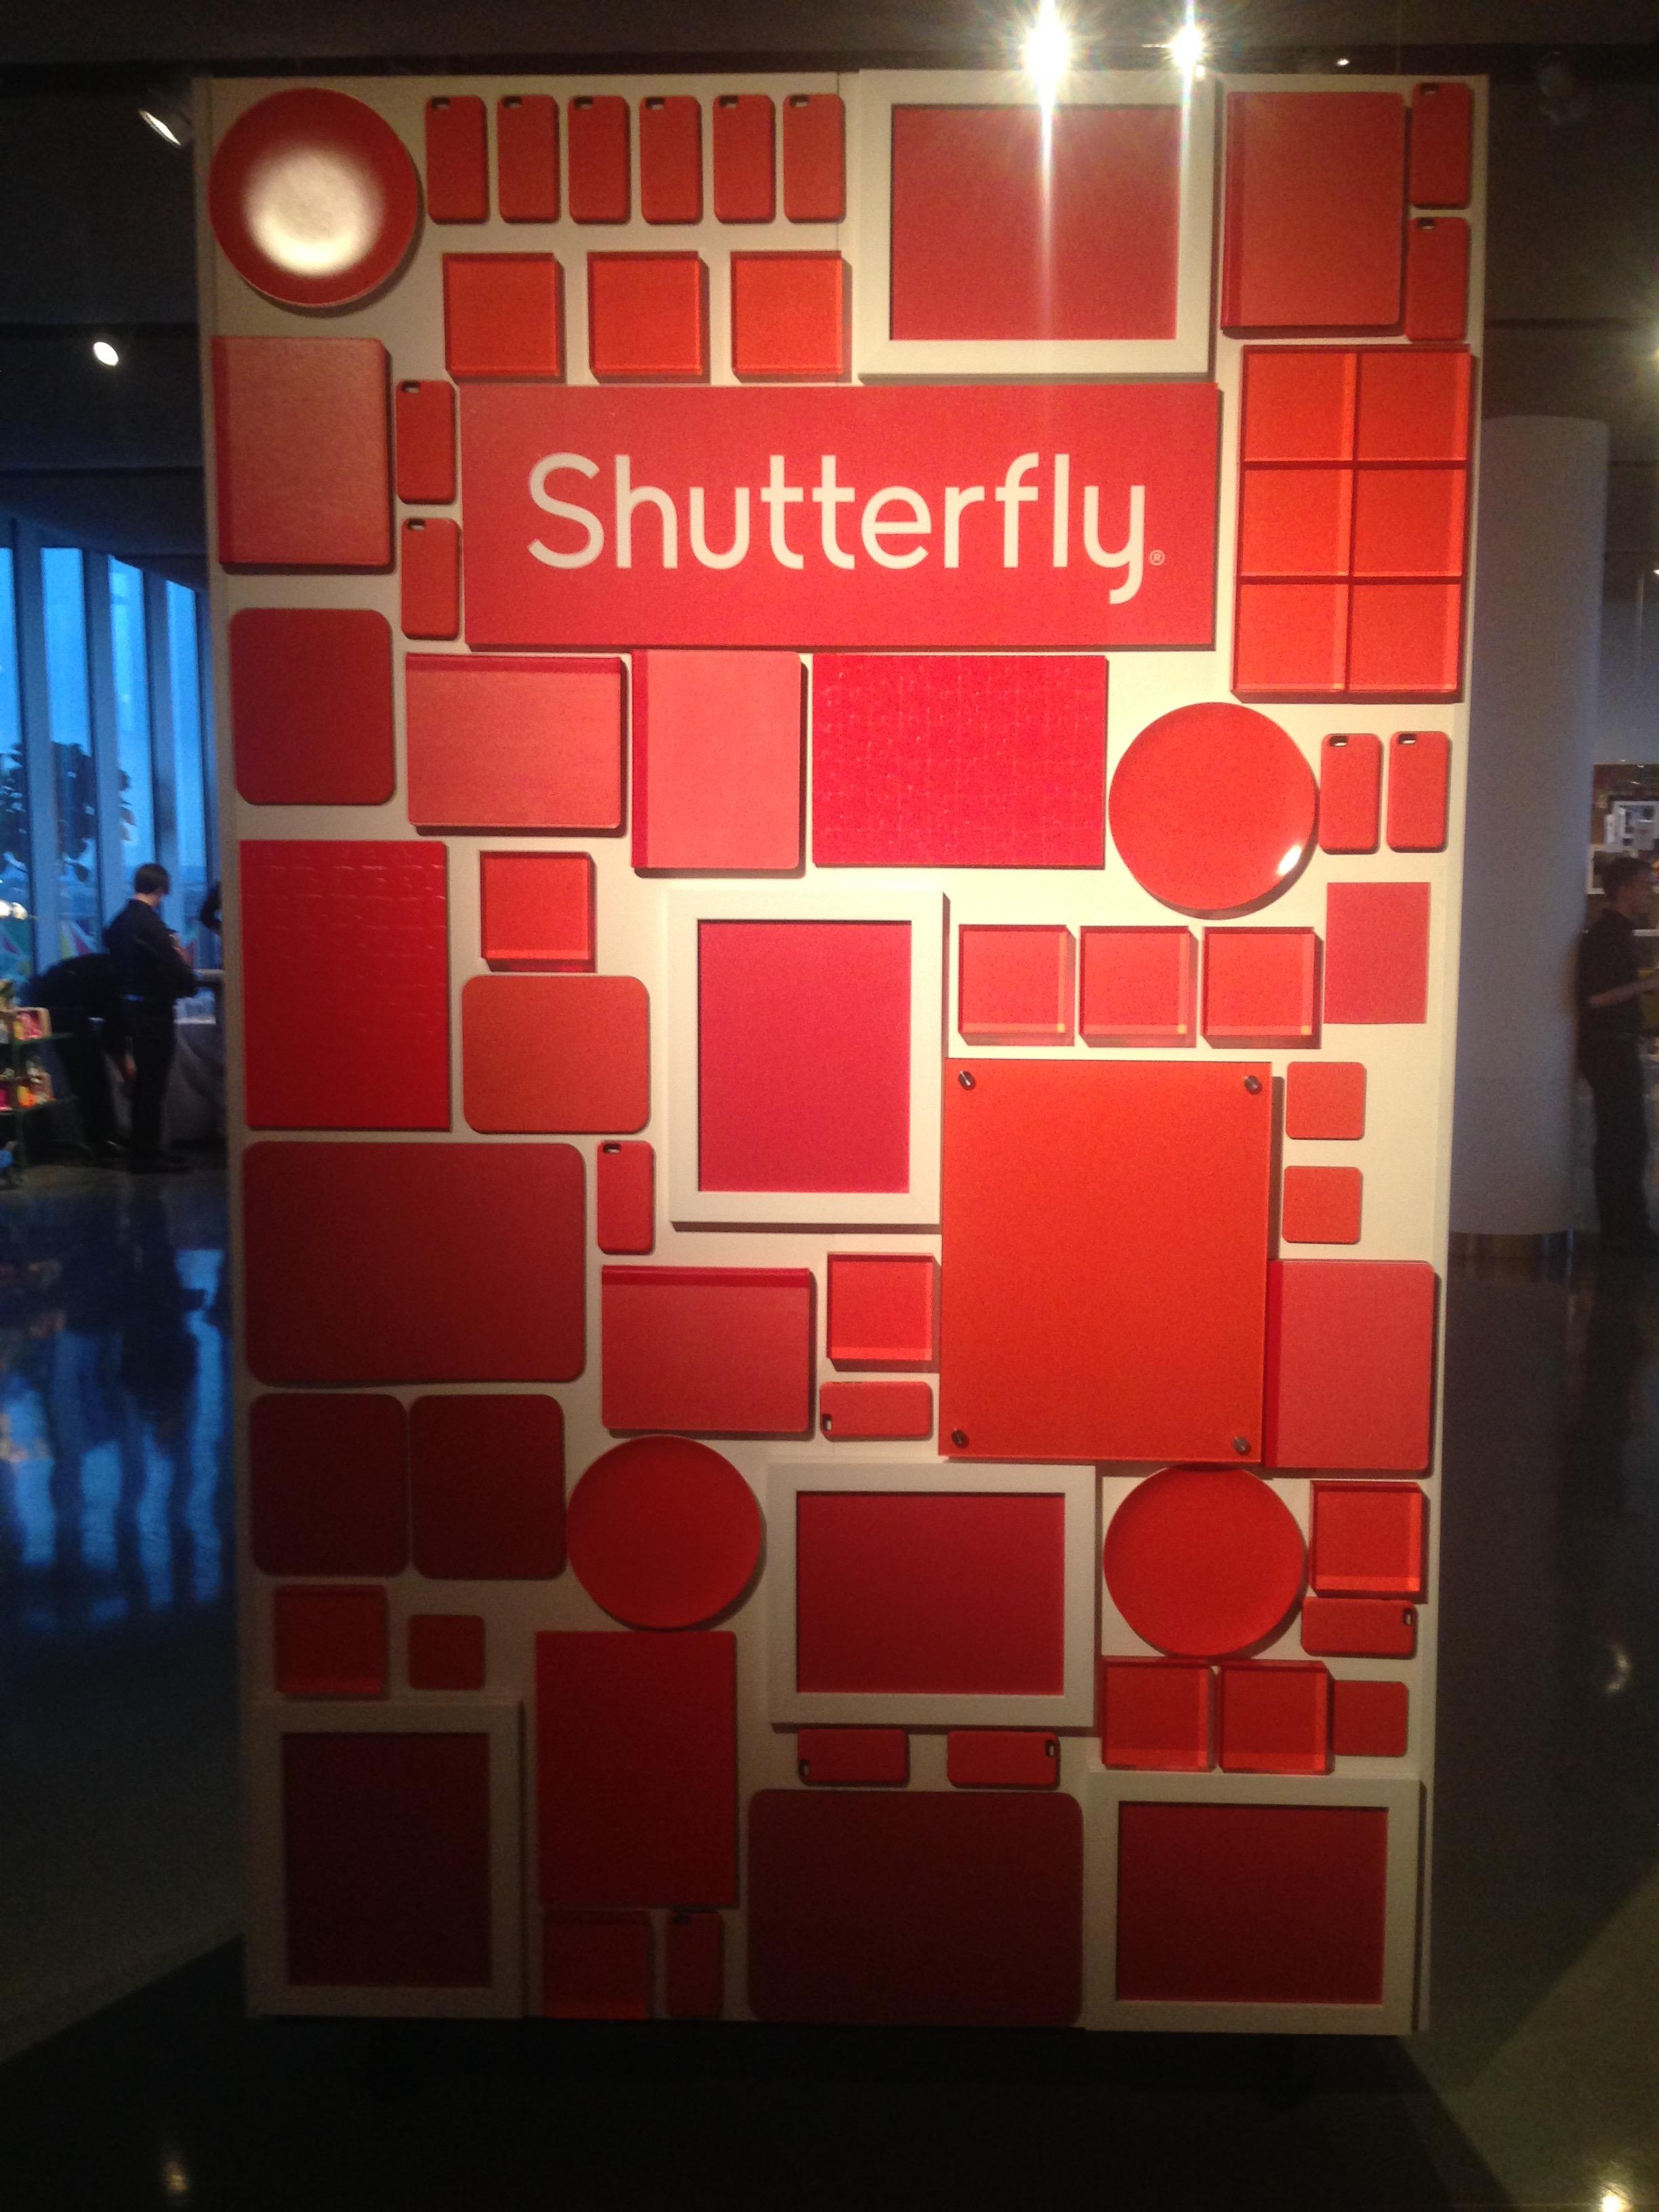 shutterfly_5